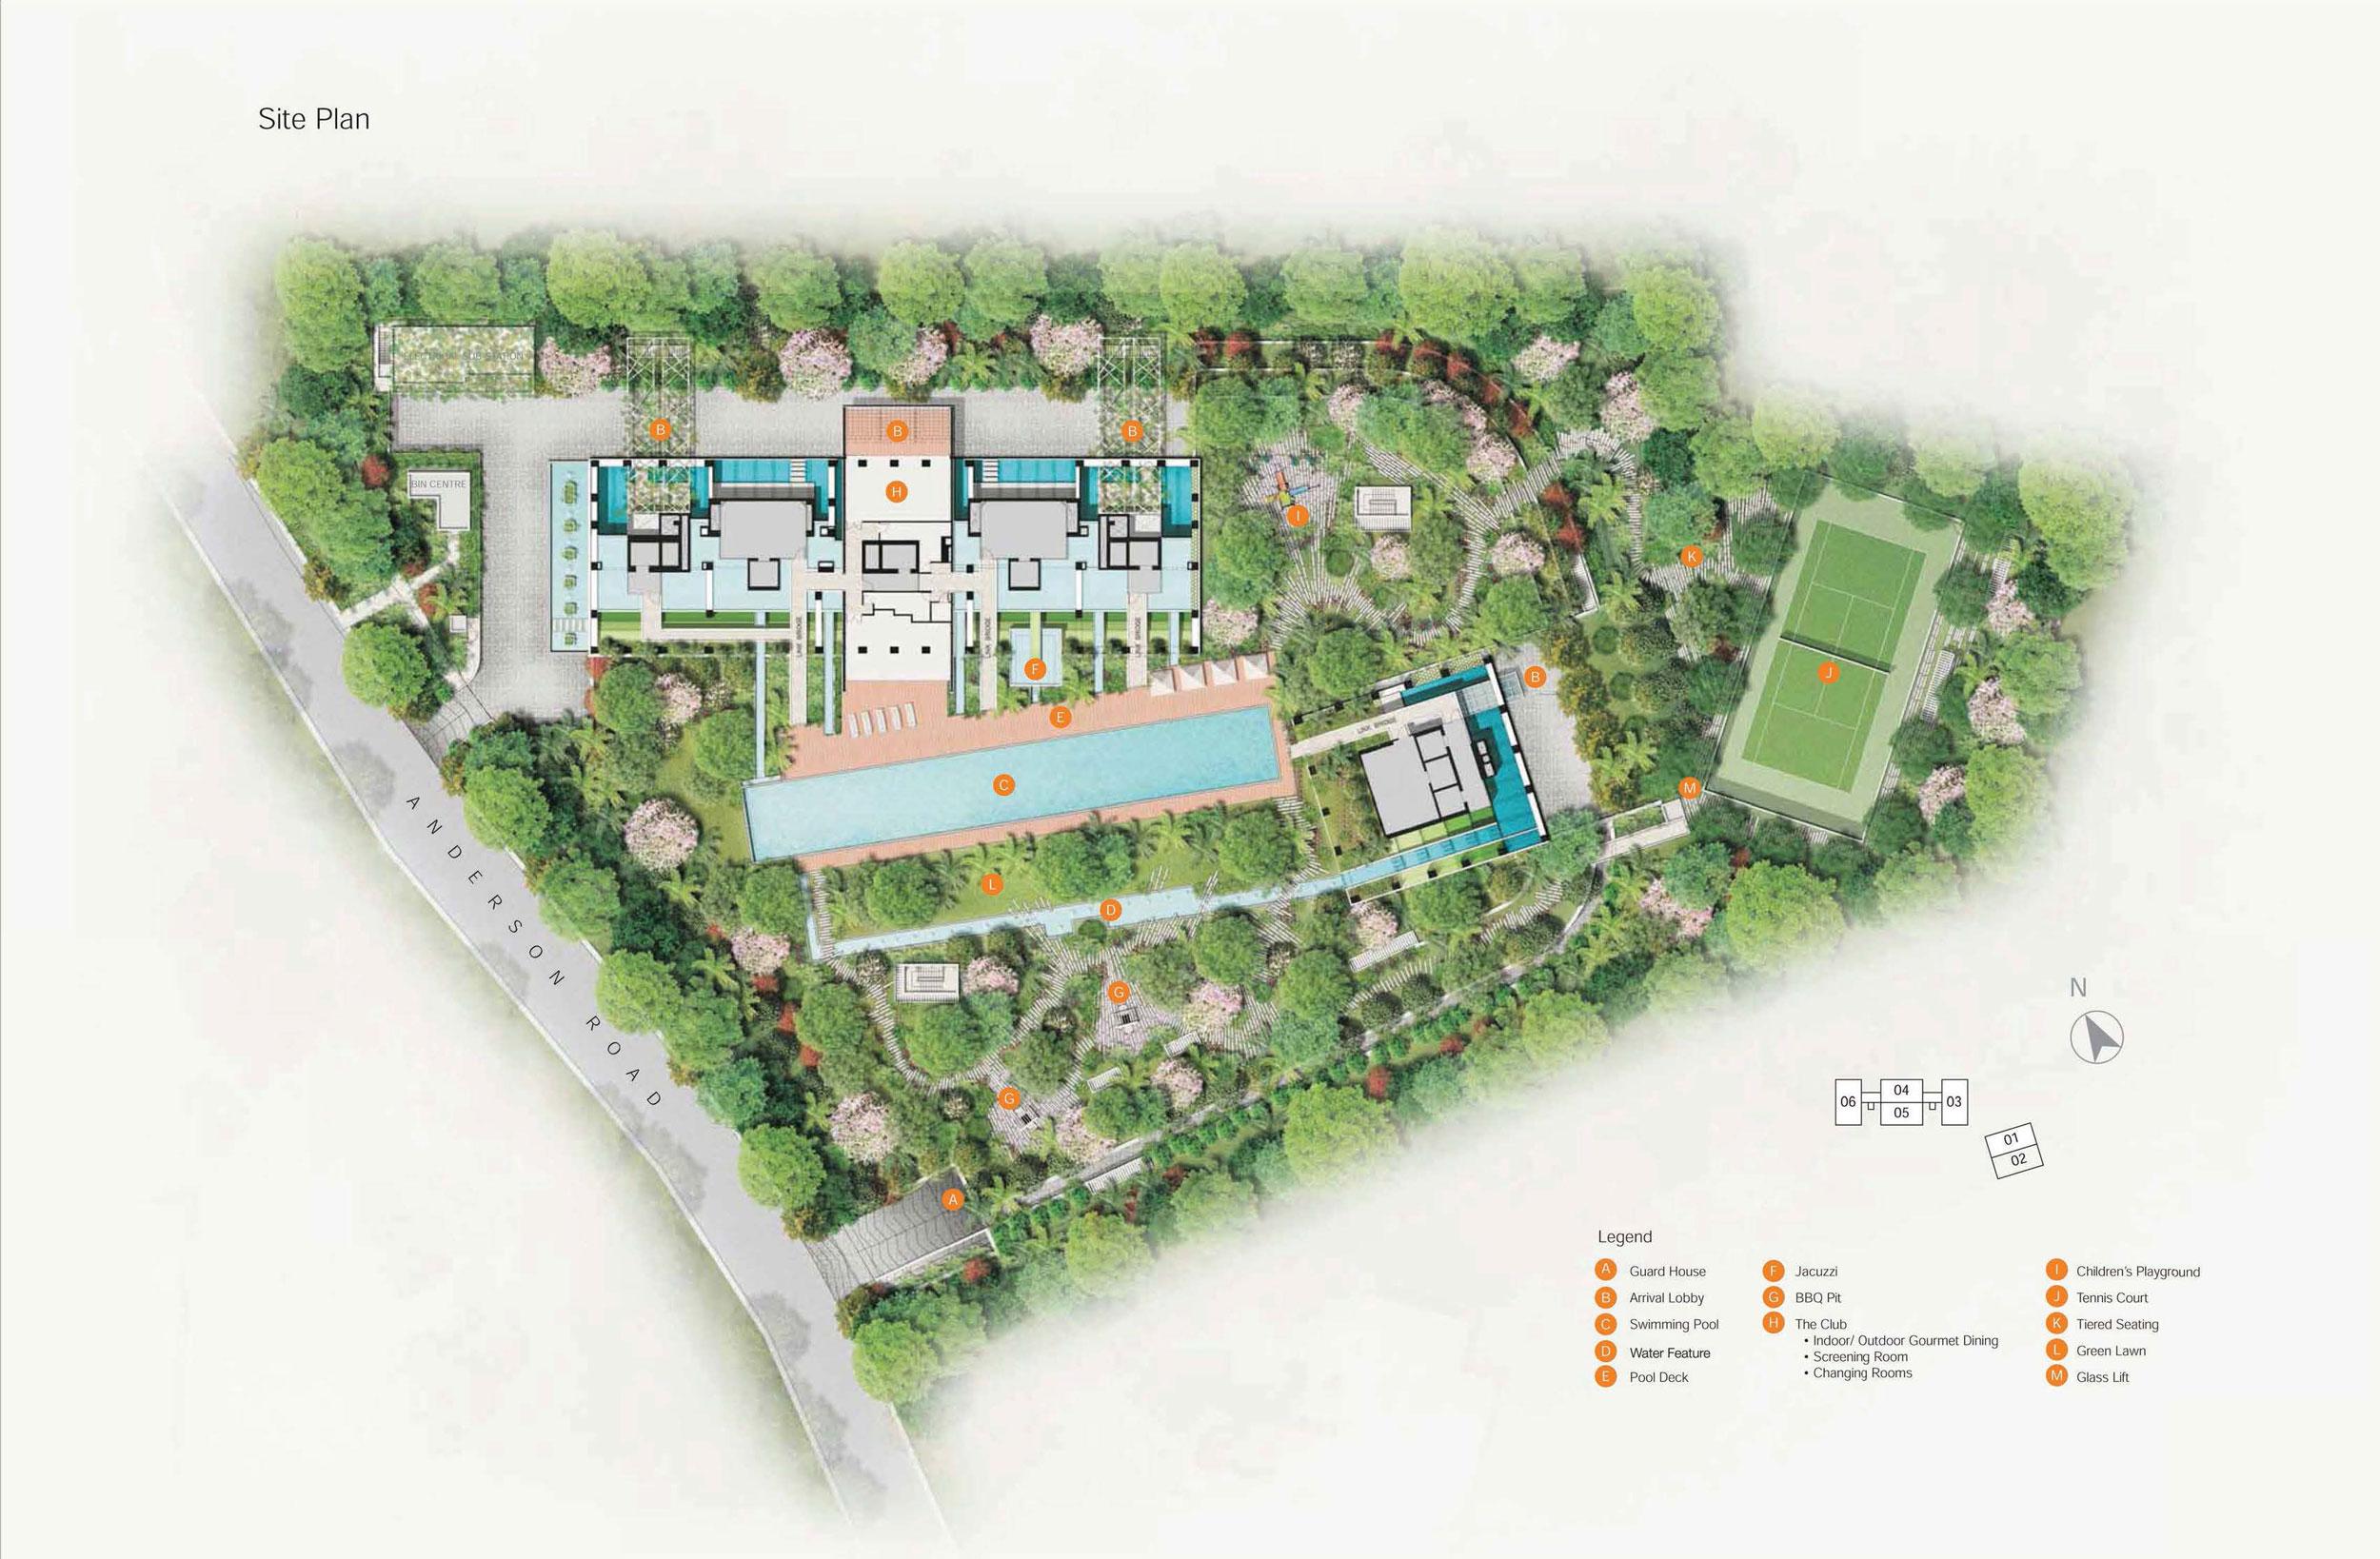 Nouvel-18-Site-Plan.jpg